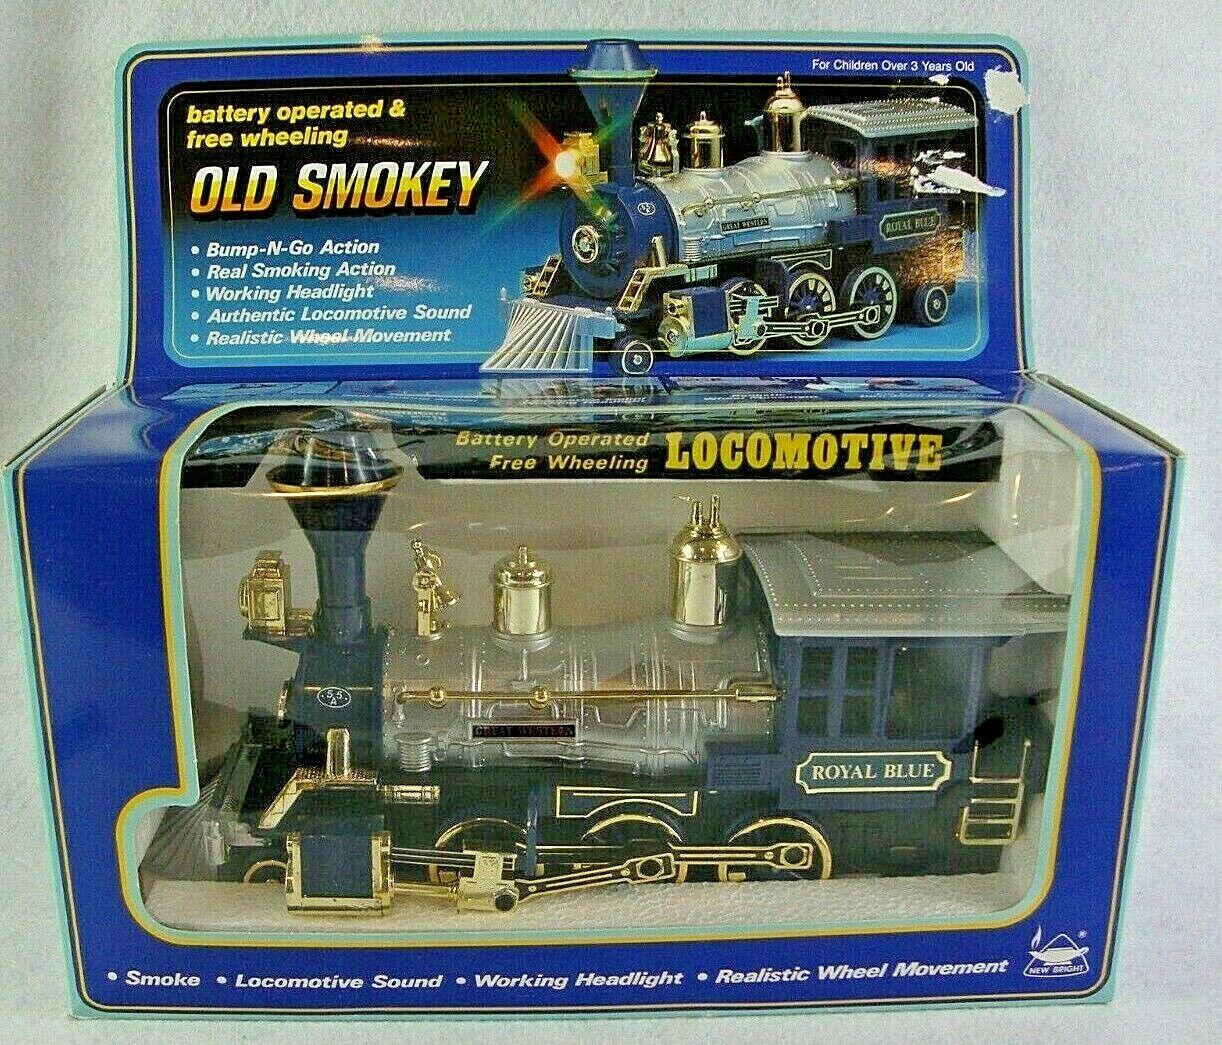 Tren Nuevo Motor brillante viejo Smokey Royal Coleccionistas Vintage Locomotora del FerroCocheril